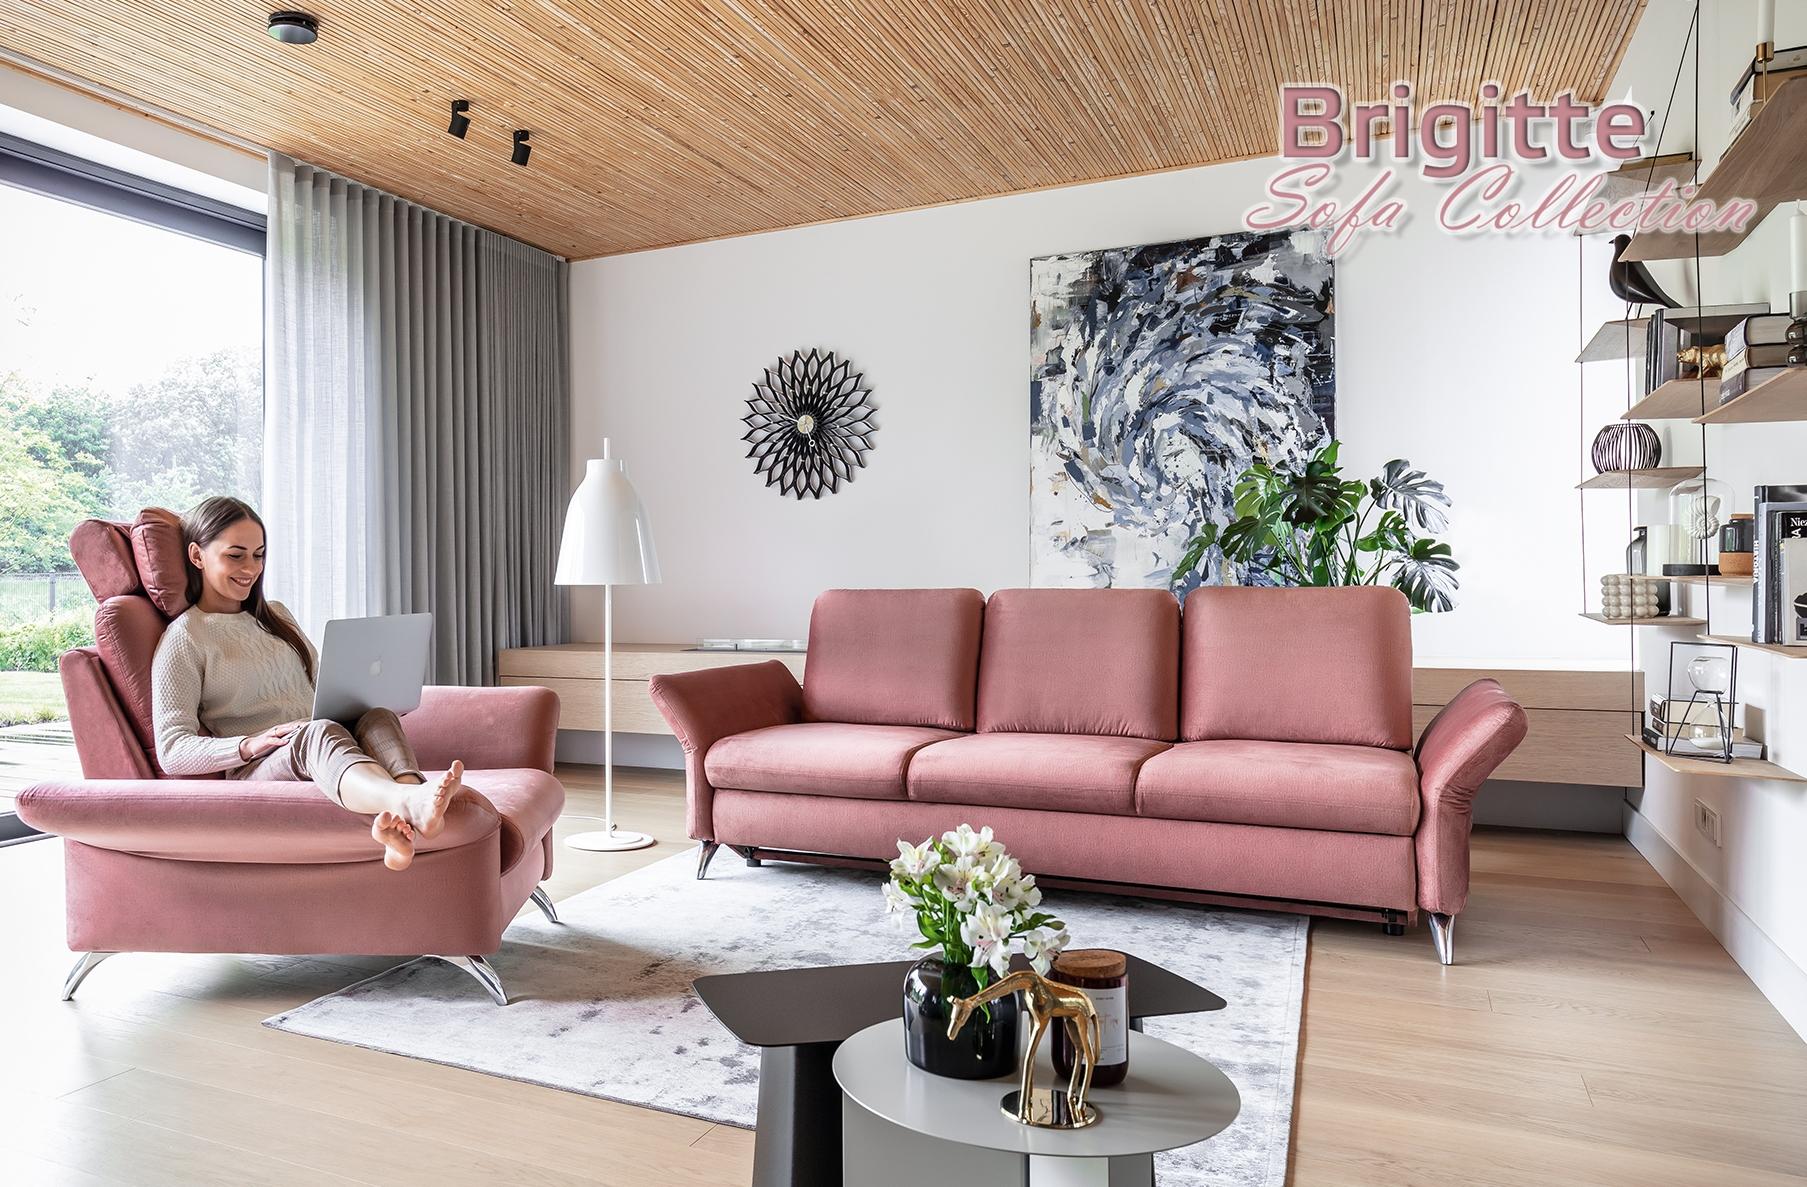 Brigitte Sectional Sofa, Cheap